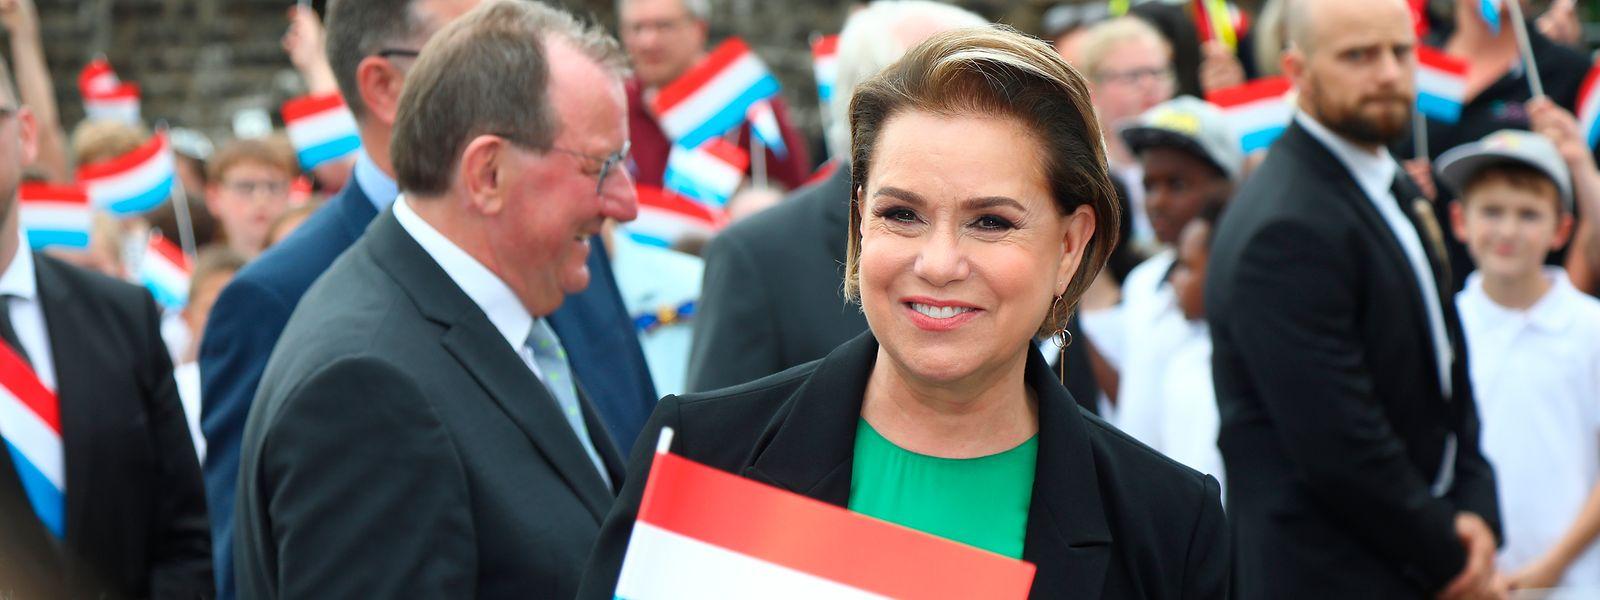 L'épouse du Grand-Duc sera désormais assistée par de nombreux services pour la soutenir au mieux dans ses fonctions, rappelle Yuriko Backes.